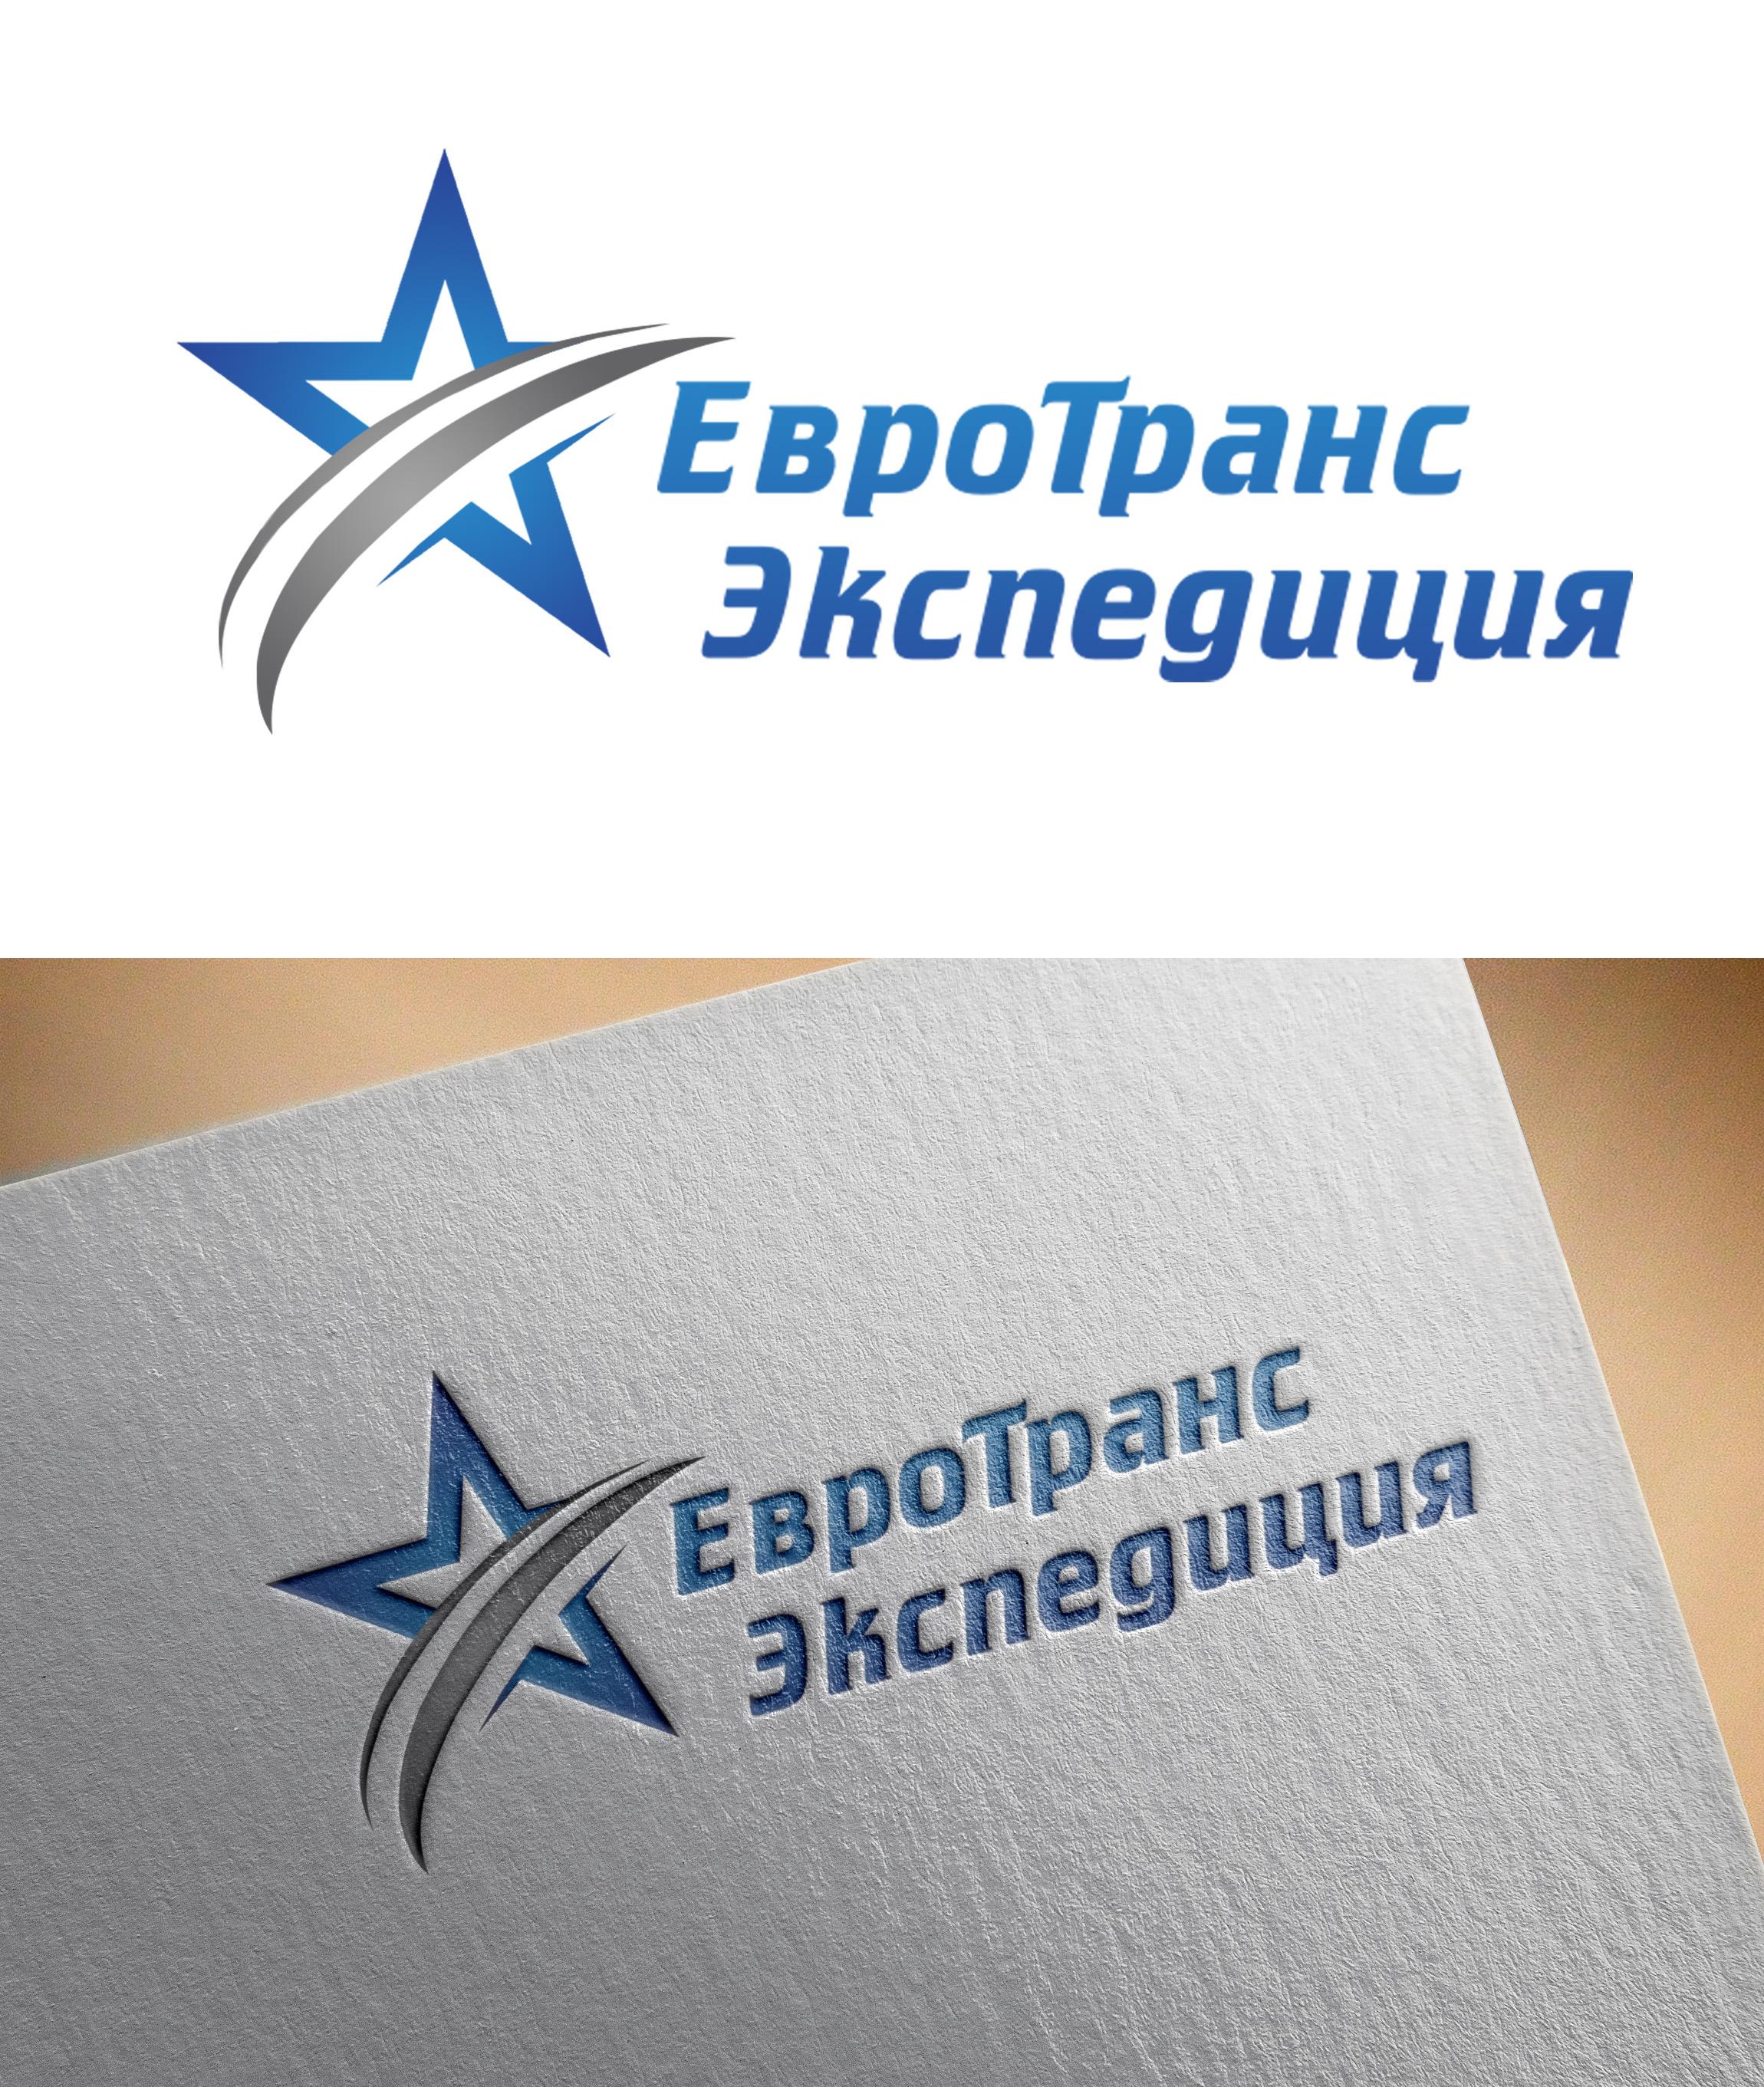 Предложите эволюцию логотипа экспедиторской компании  фото f_60358fca7c123f29.jpg